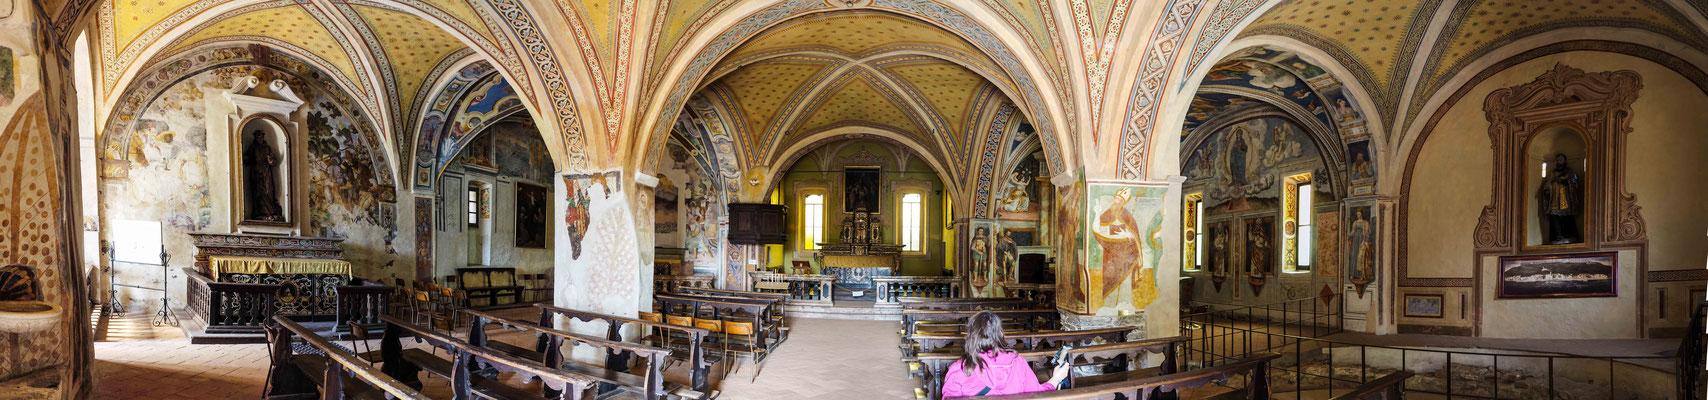 Bild: Belgirate Chiesa Vecchia Dedicata a Santa Maria